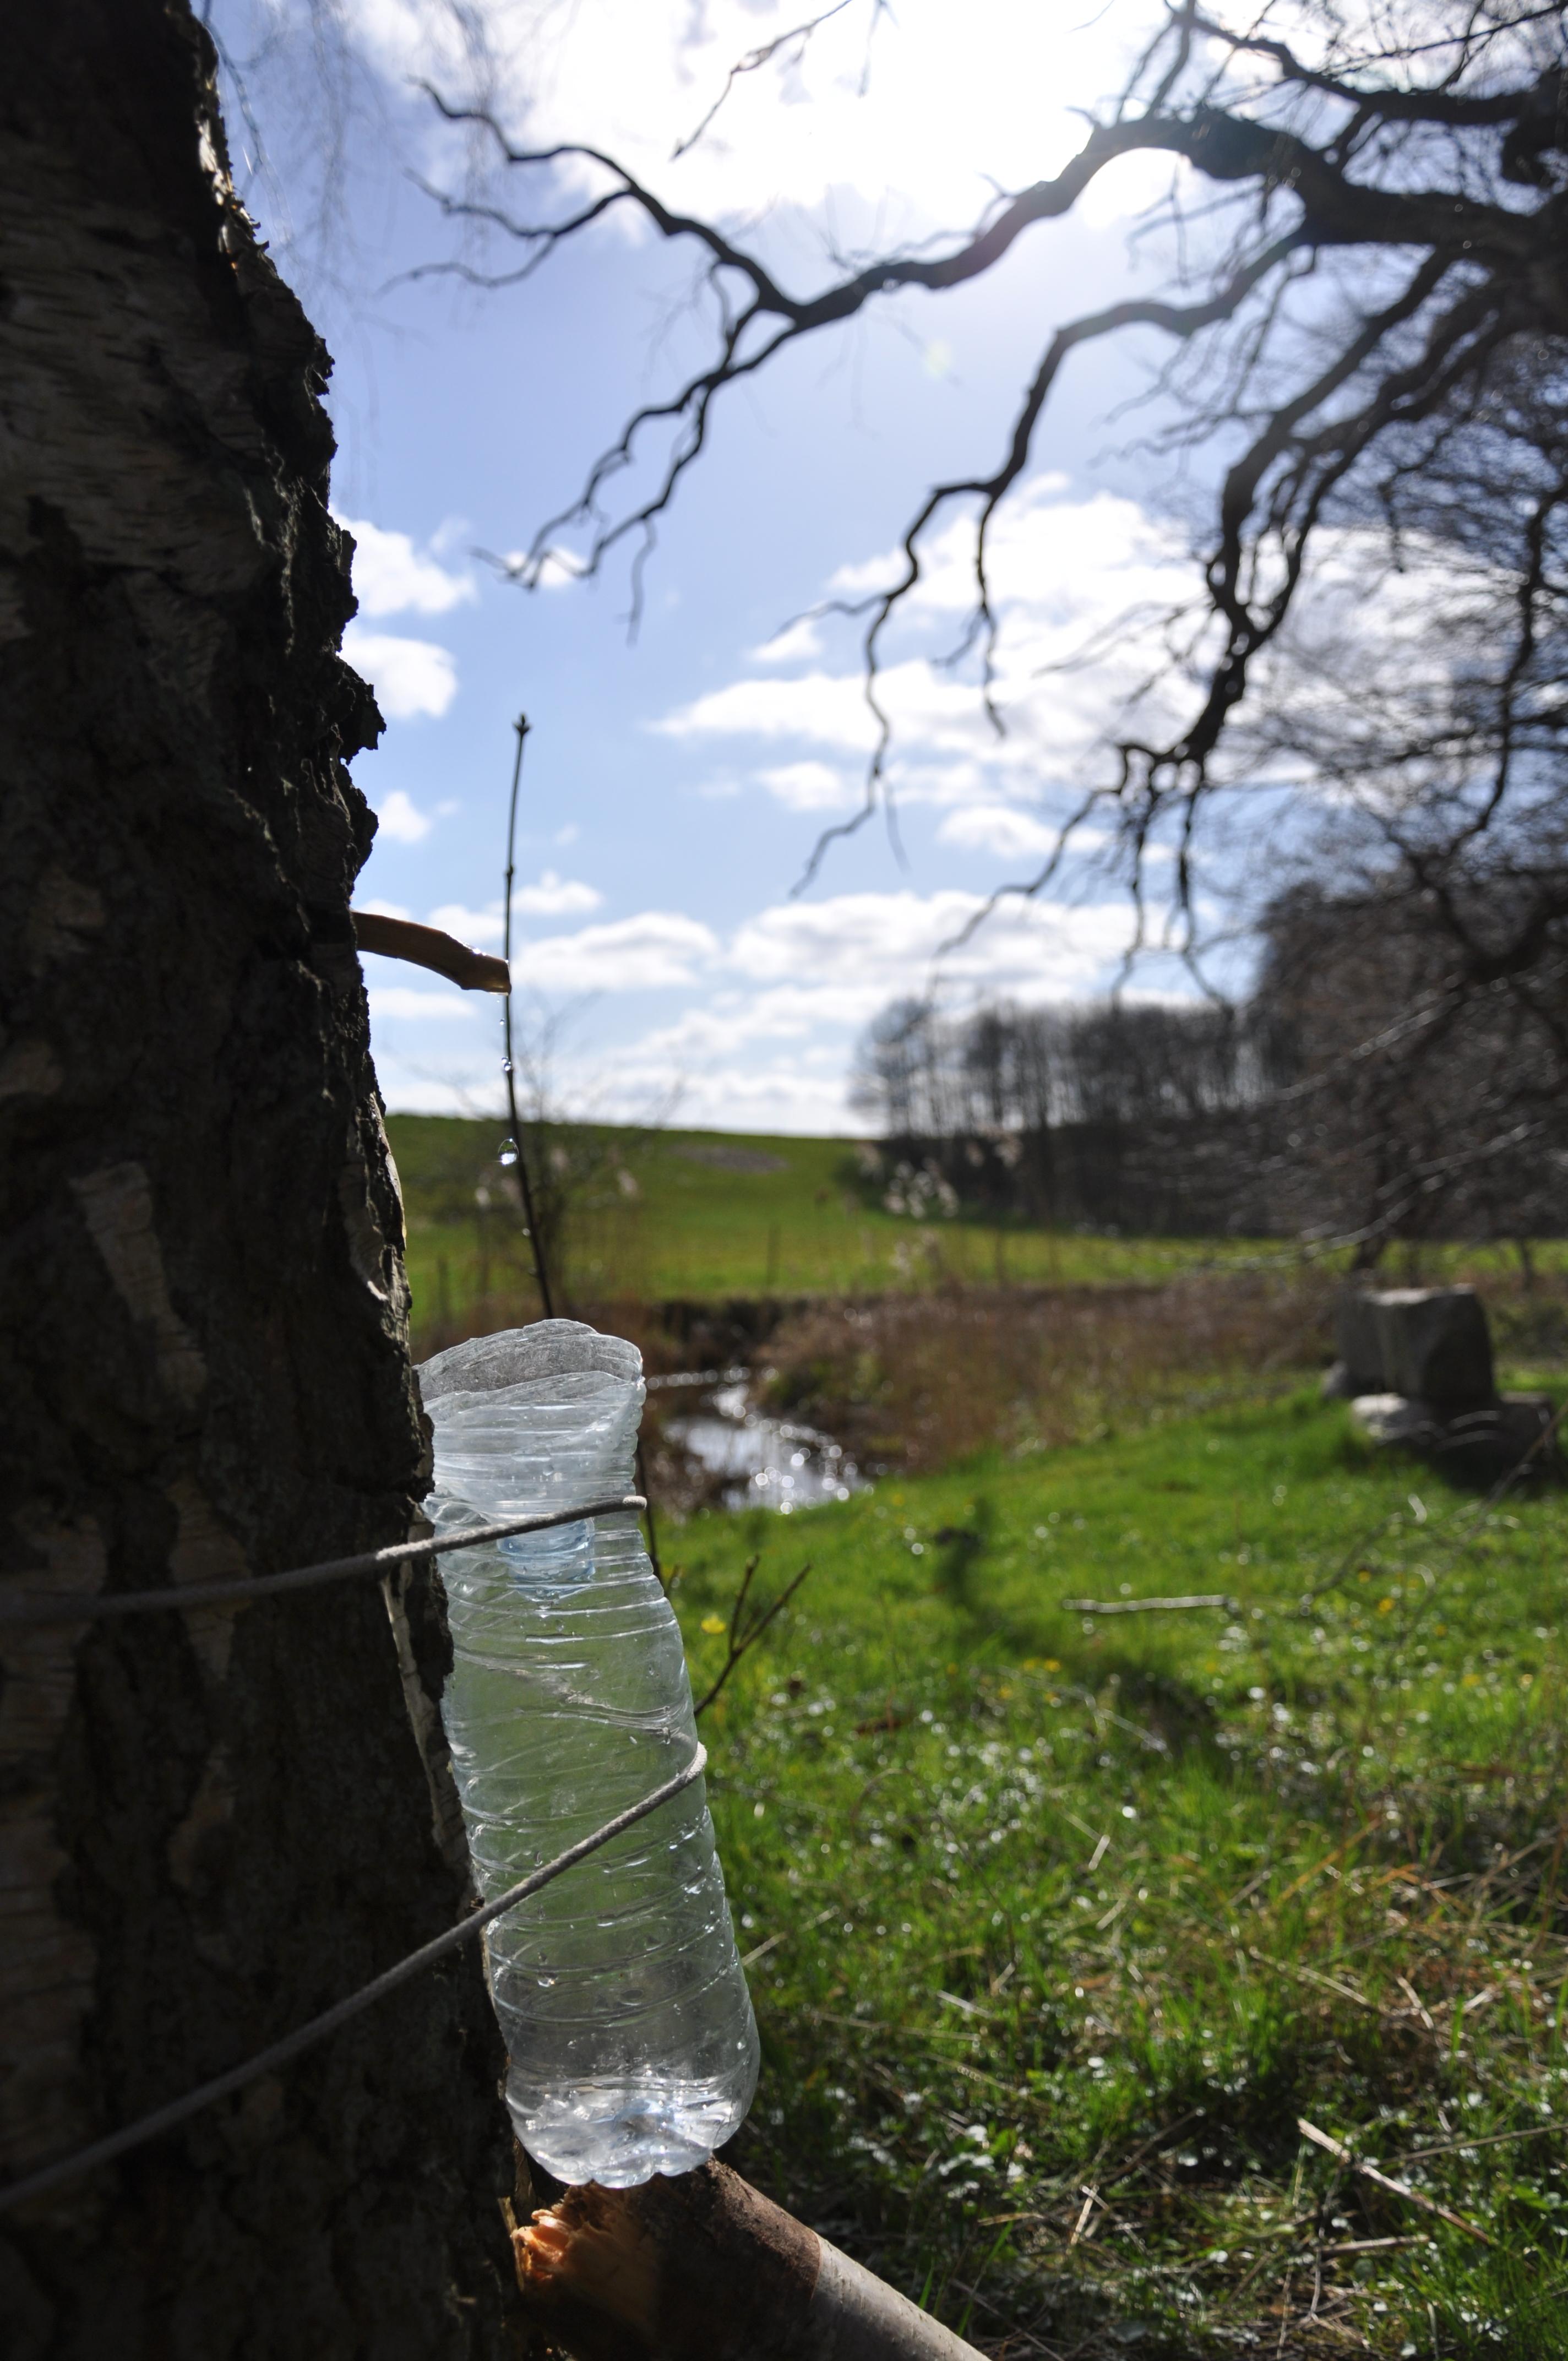 Birketræ tapning af saft i foråret vaerude.dk